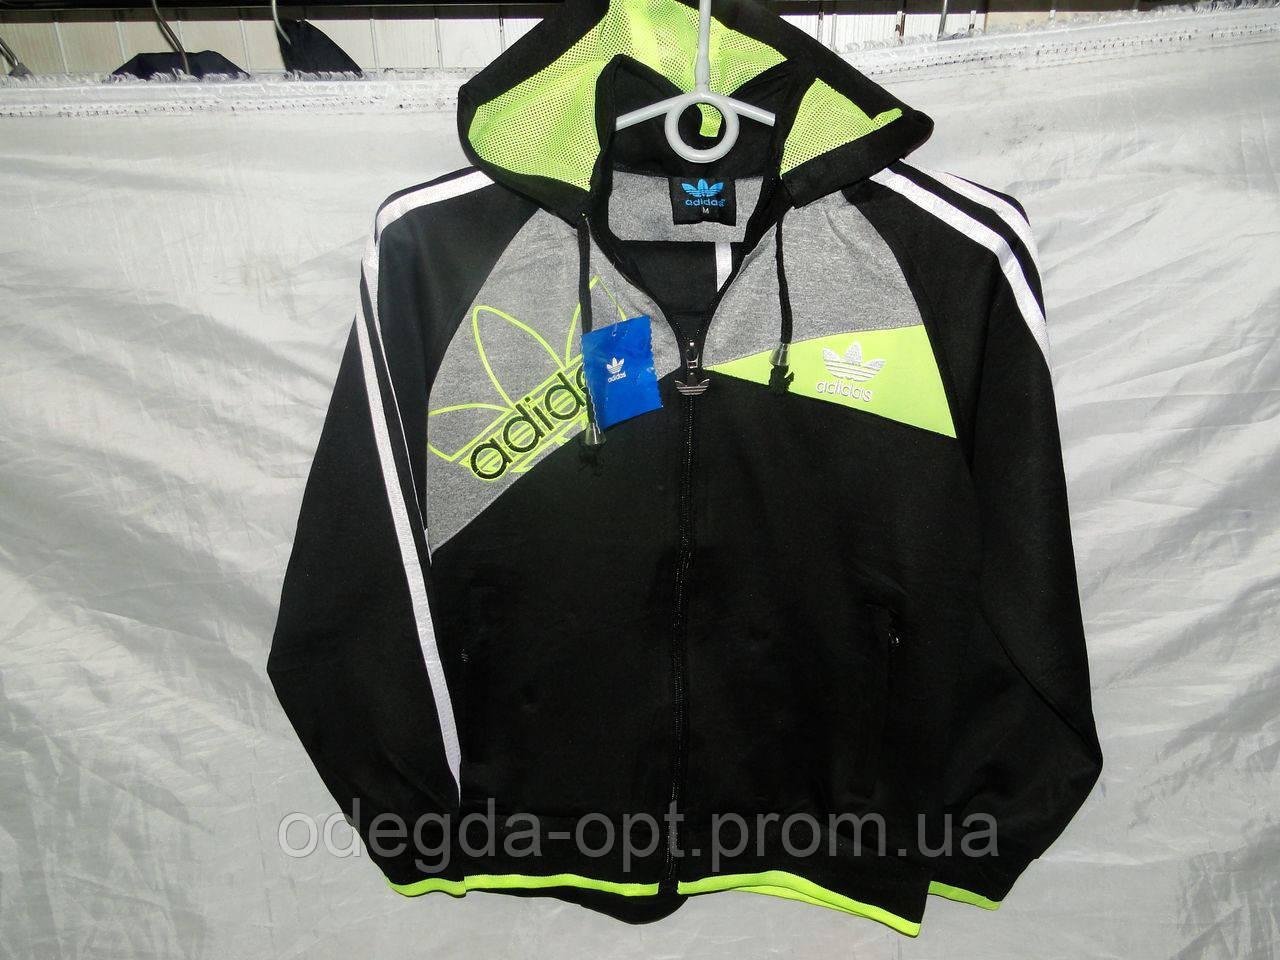 Подростковый спортивный костюм двухсторонний на мальчика M-3XL плащевка модный купить в Одессе оптом, фото 1